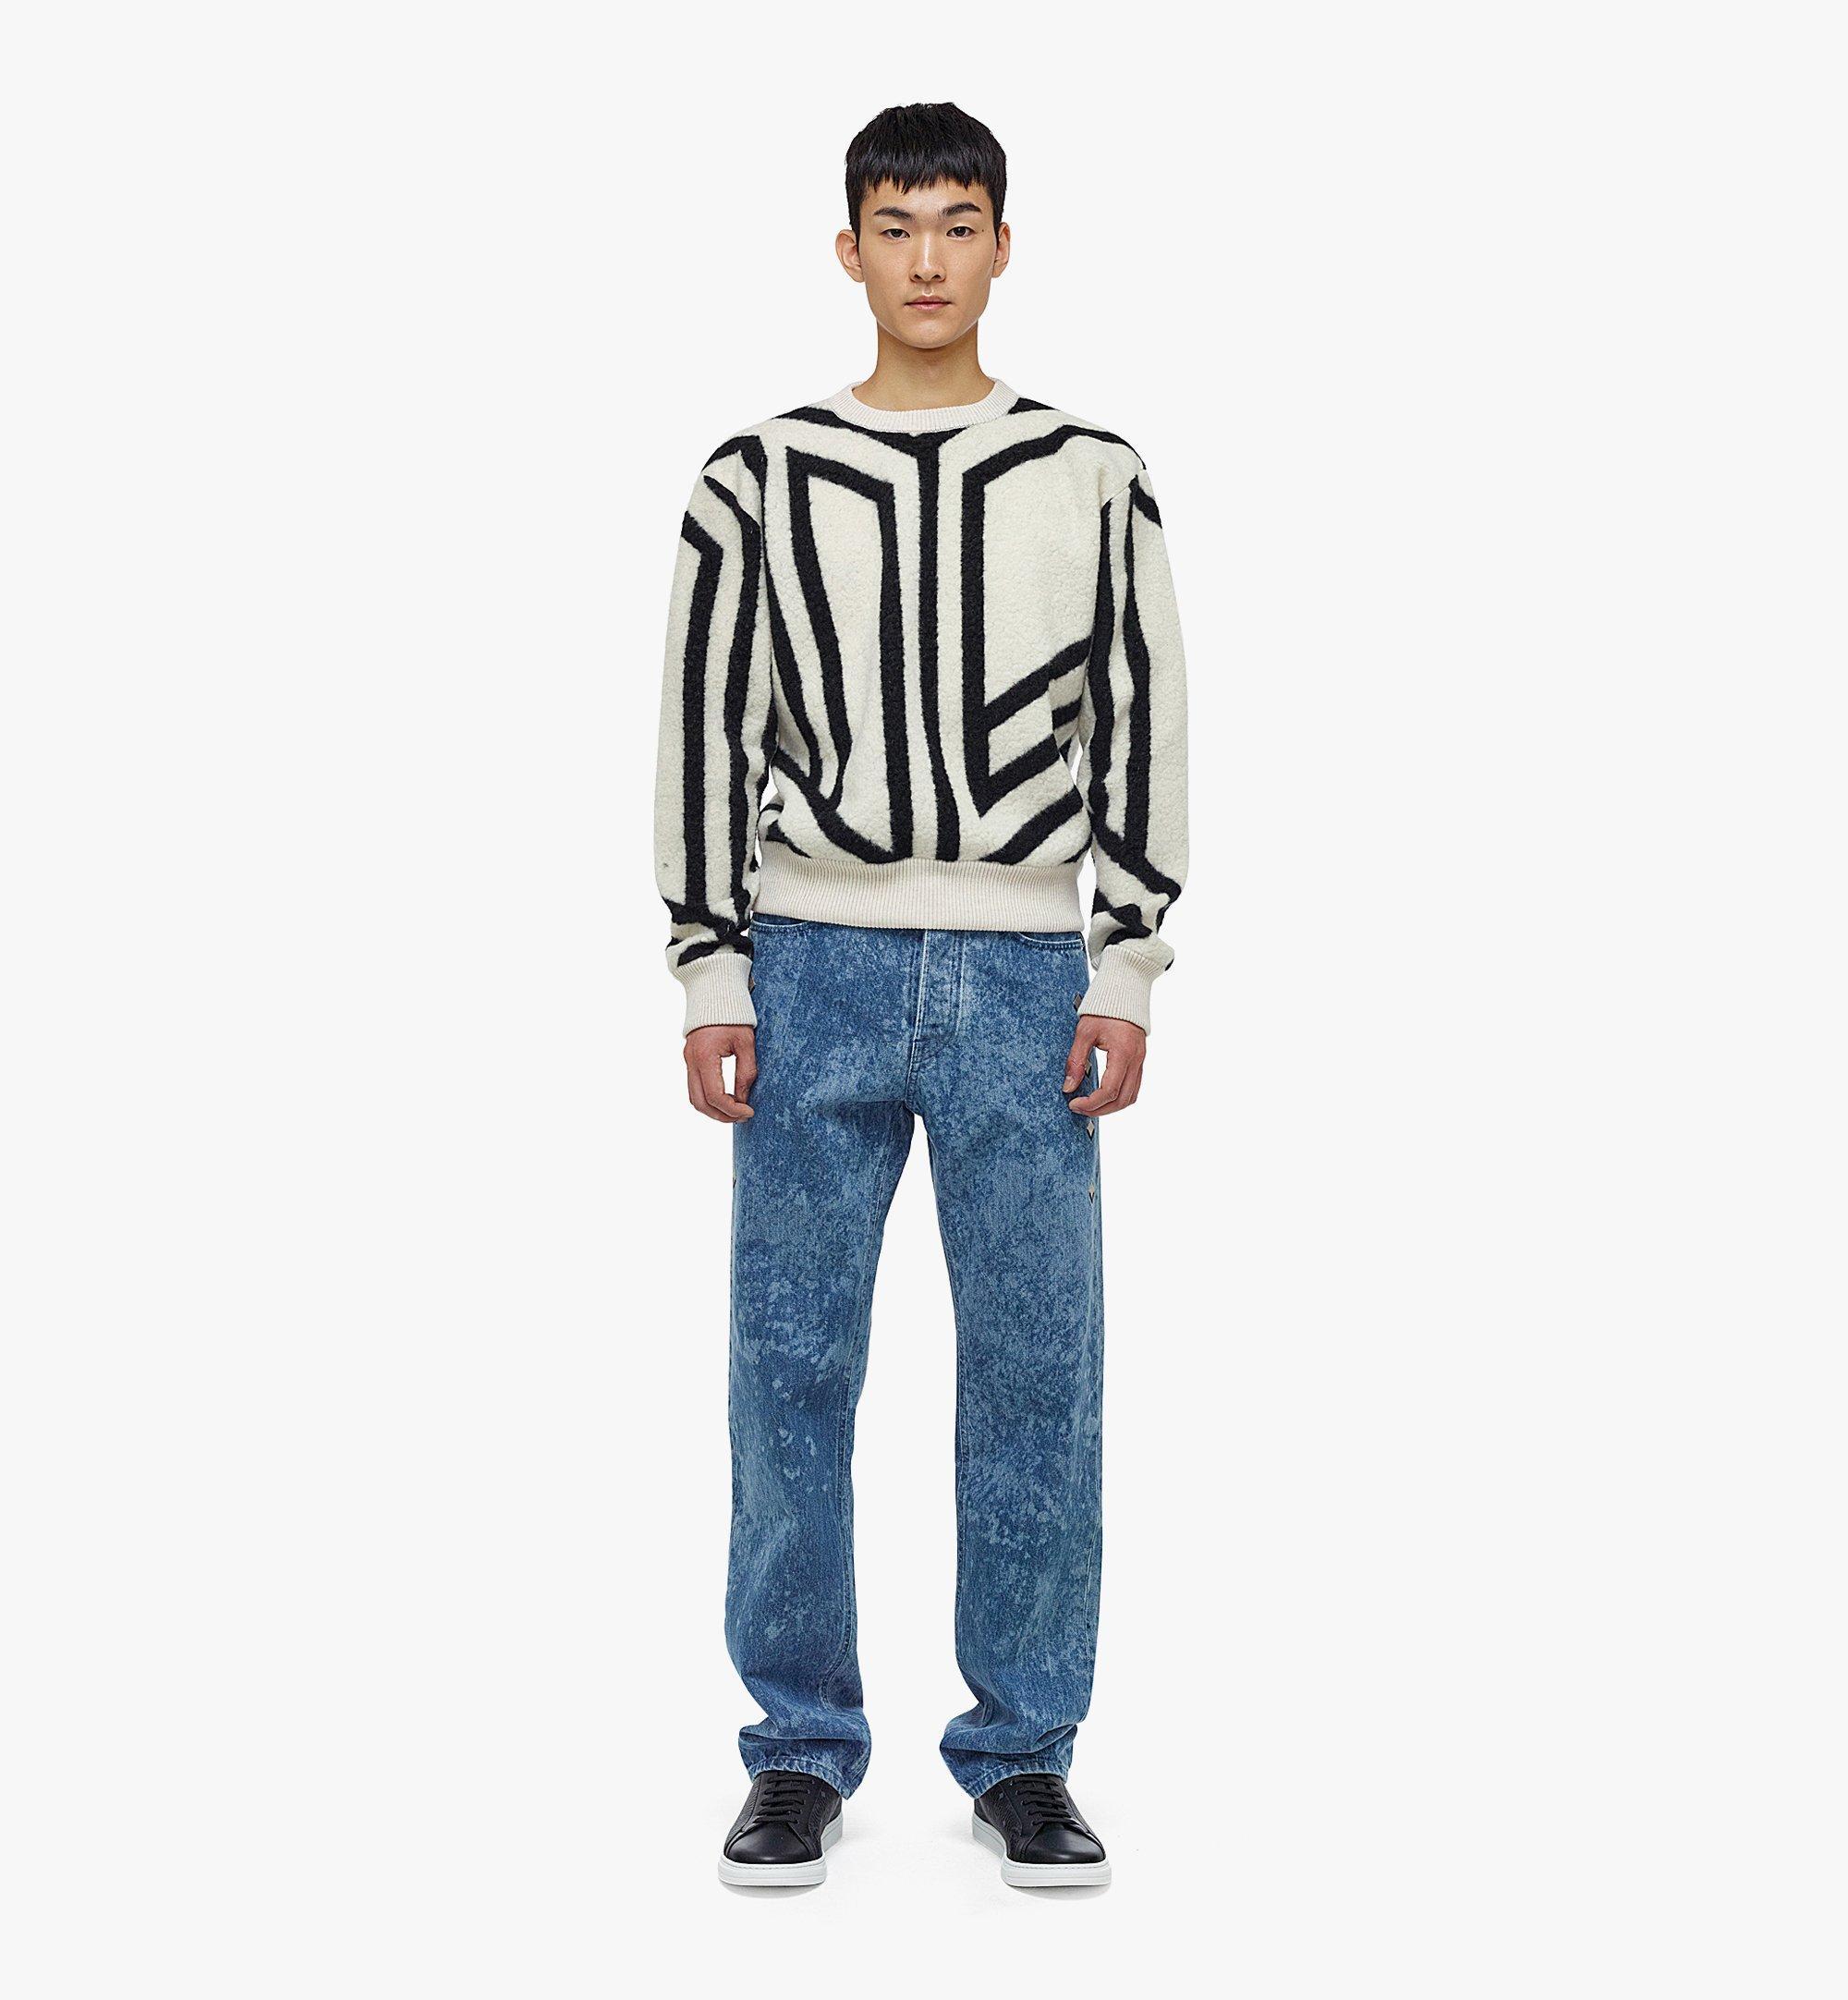 MCM Sweat-shirt à monogramme cubique en laine pour homme White MHABAMM02W700M Plus de photos 3